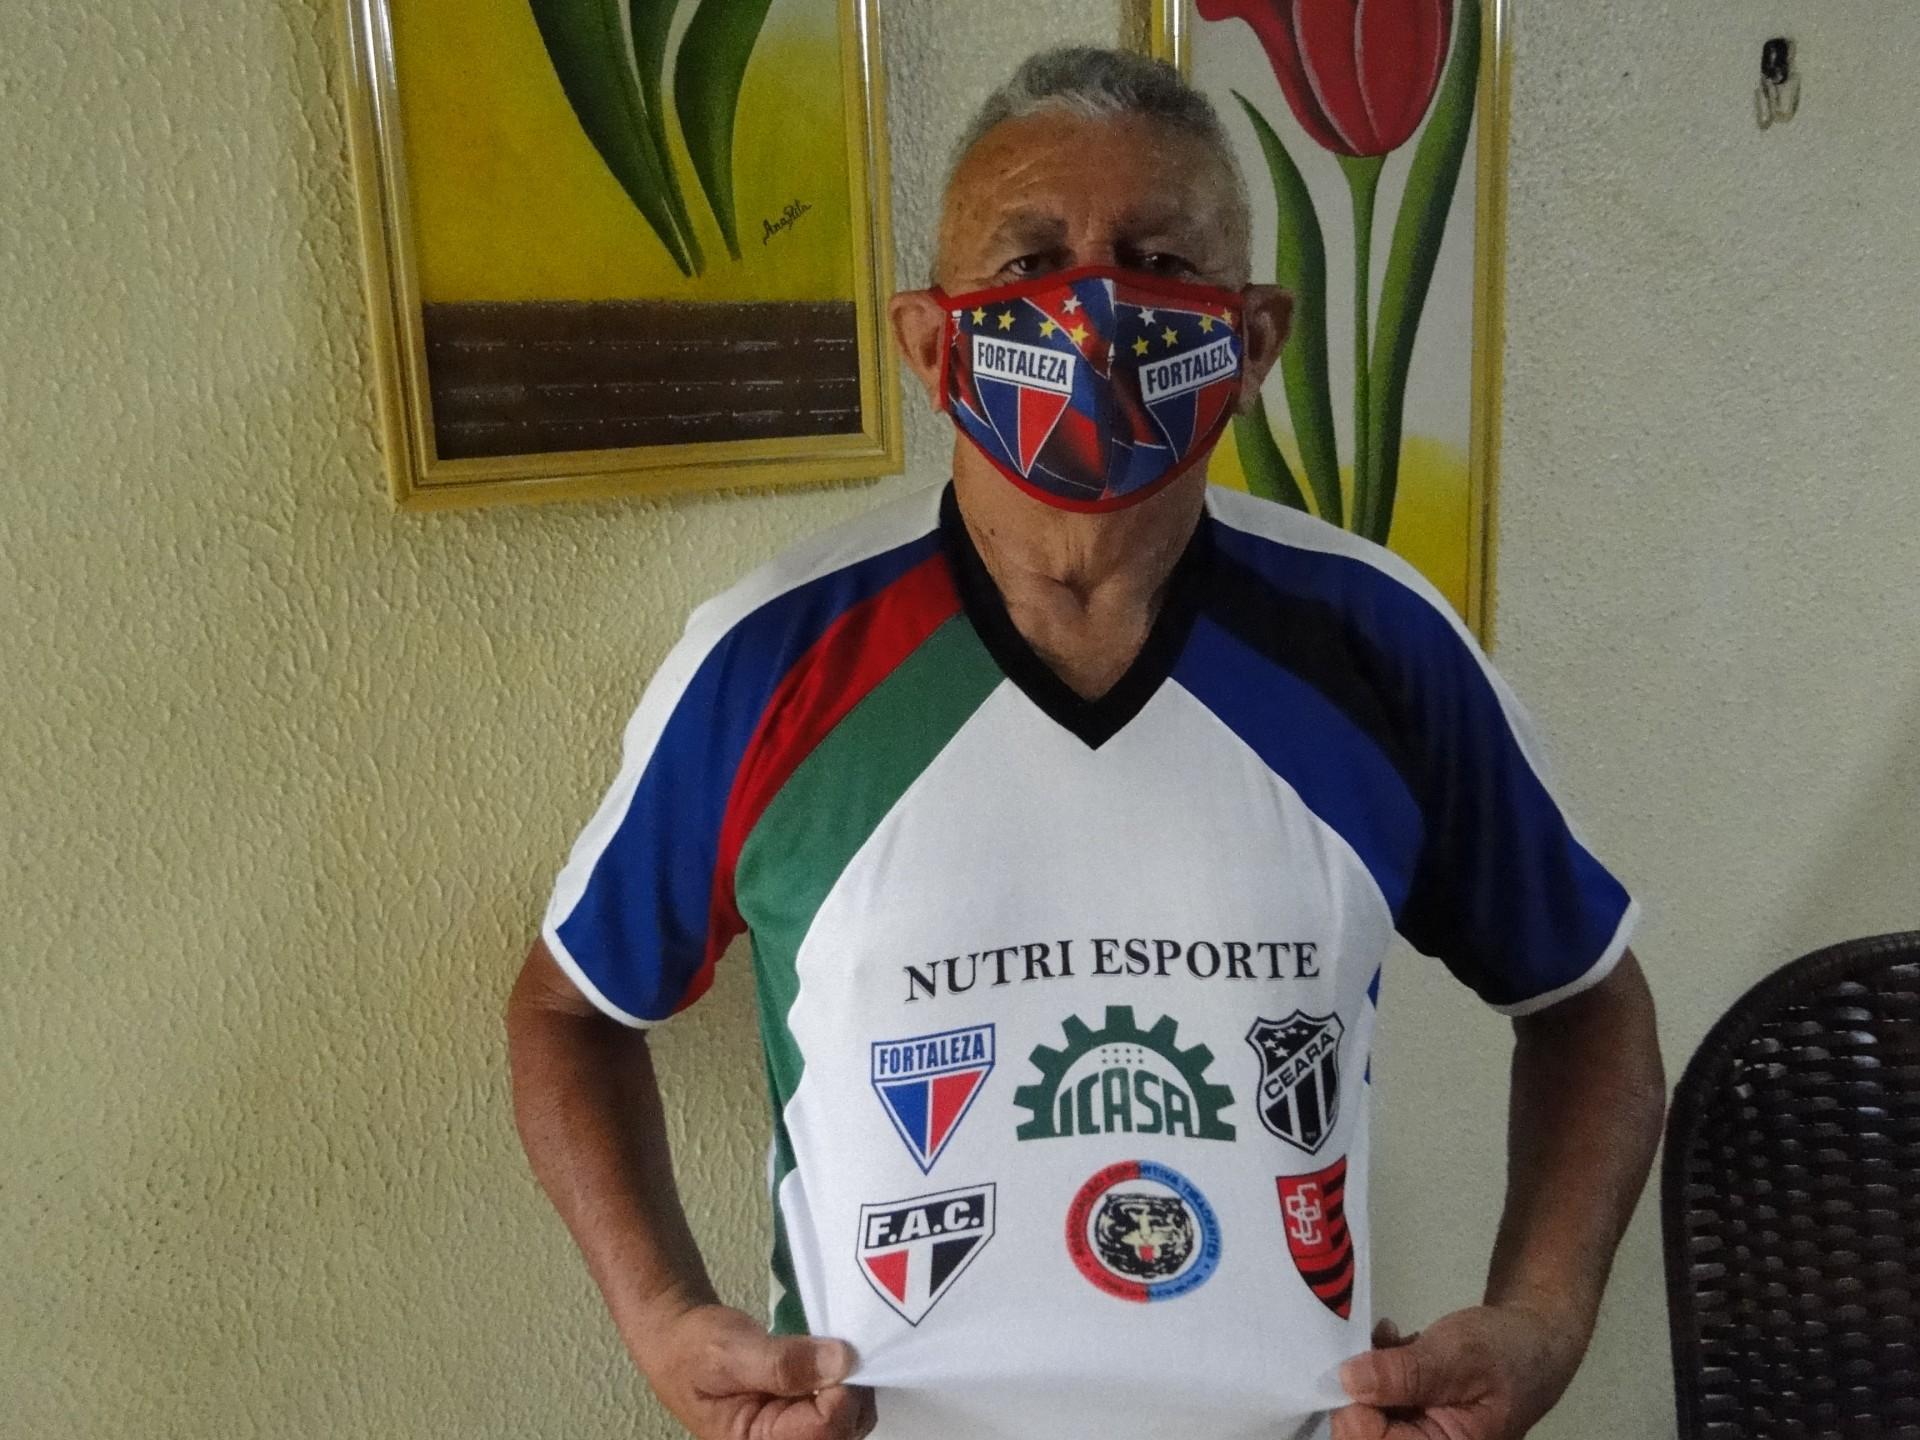 Geraldino Saravá exibe camisa que estampa símbolo dos seis clubes onde ele atuou como jogador profissional: Fortaleza, Icasa, Ceará, Ferroviário, Tiradentes e Sampaio Corrêa(Foto: Luciano Cesário)